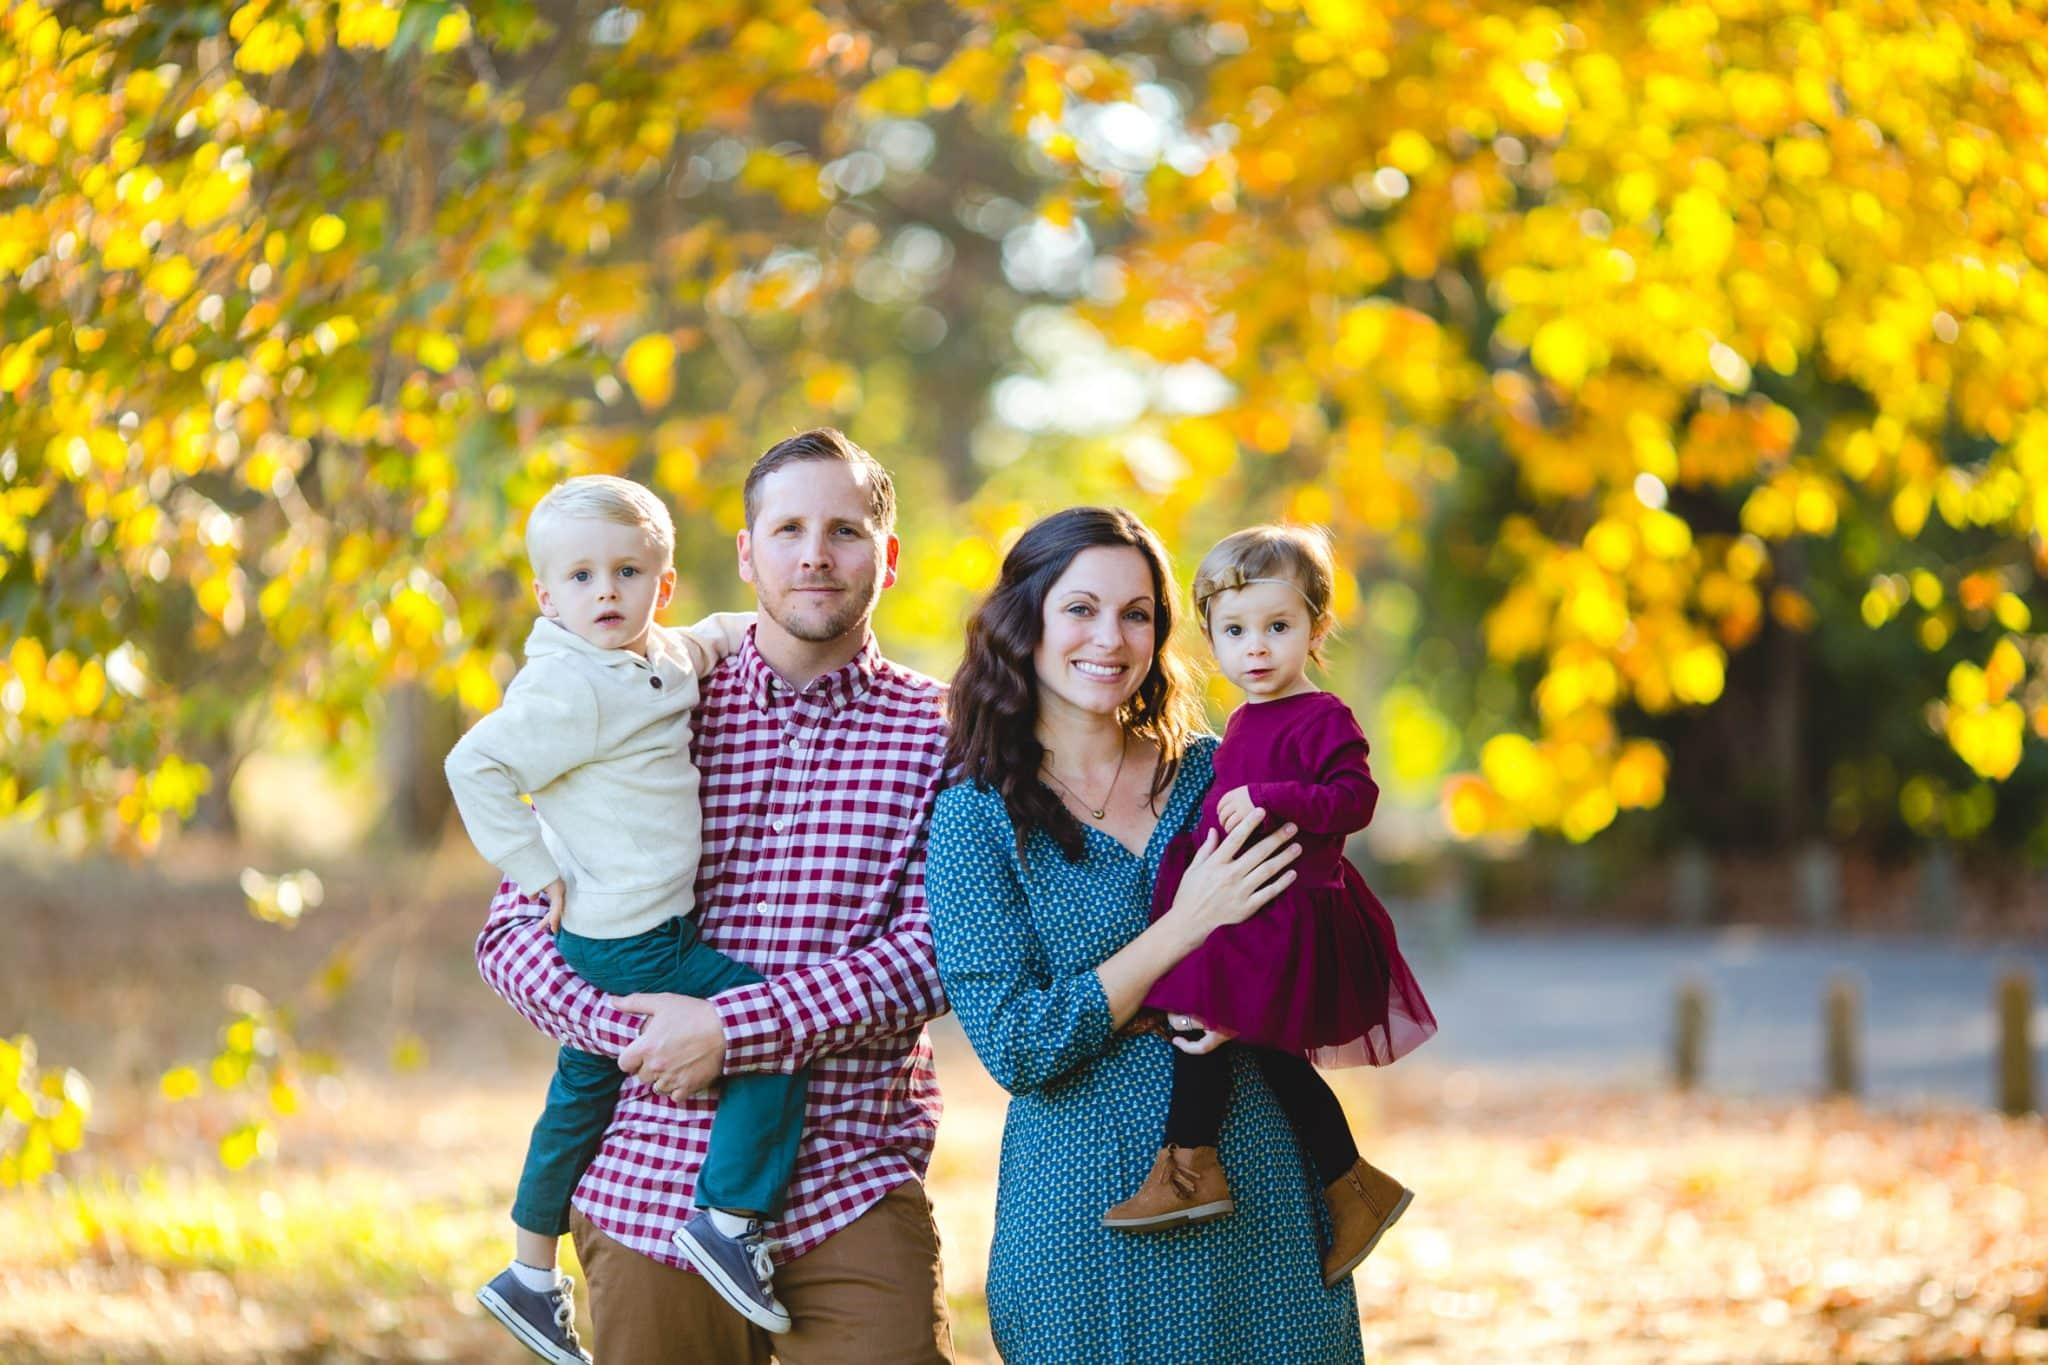 SLO family photos